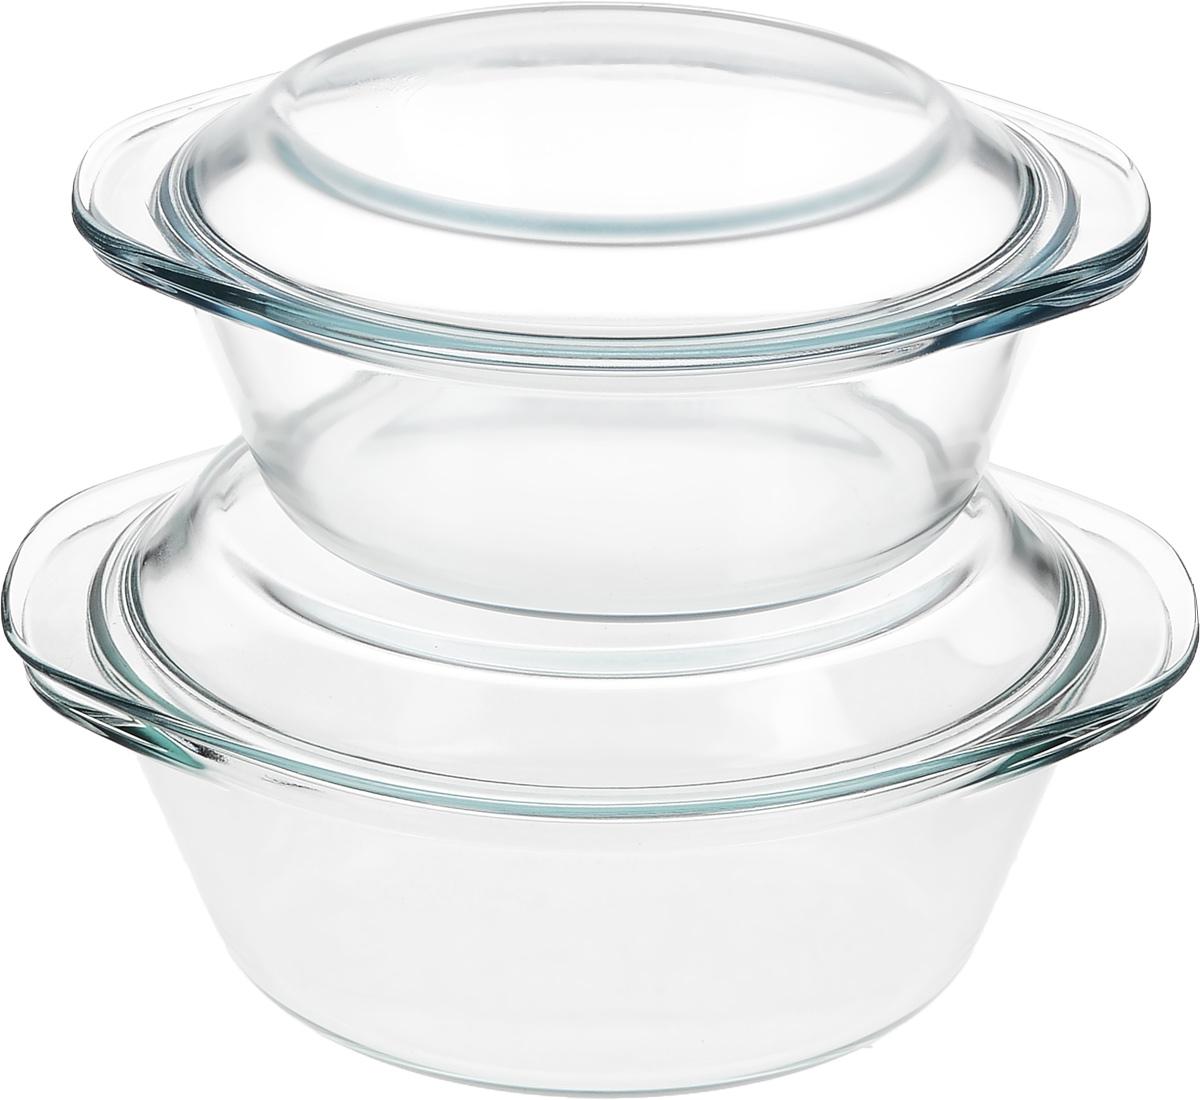 Набор кастрюль Helper Gurman, с крышками, 4 предмета4511Набор Helper Gurman состоит из двух кастрюль с крышками. Кастрюли изготовлены из жаропрочного стекла. Стеклянная огнеупорная посуда идеальна для приготовления блюд в духовке, микроволновой печи, а также для хранения продуктов в холодильнике и морозильной камере. Безопасна с точки зрения экологии. Не вступает в реакции с готовящейся пищей, не боится кислот и солей. Не ржавеет, в ней не появляется накипь. Не впитывает запахи и жир. Благодаря прозрачности стекла, за едой можно наблюдать при ее готовке. Изделия оснащены небольшими ручками.Можно мыть в посудомоечной машине.Объем кастрюль: 1,2 л, 1,8 л.Диаметр кастрюль: 18,5 см, 21 см.Высота стенки кастрюль: 6,5 см, 8 см.